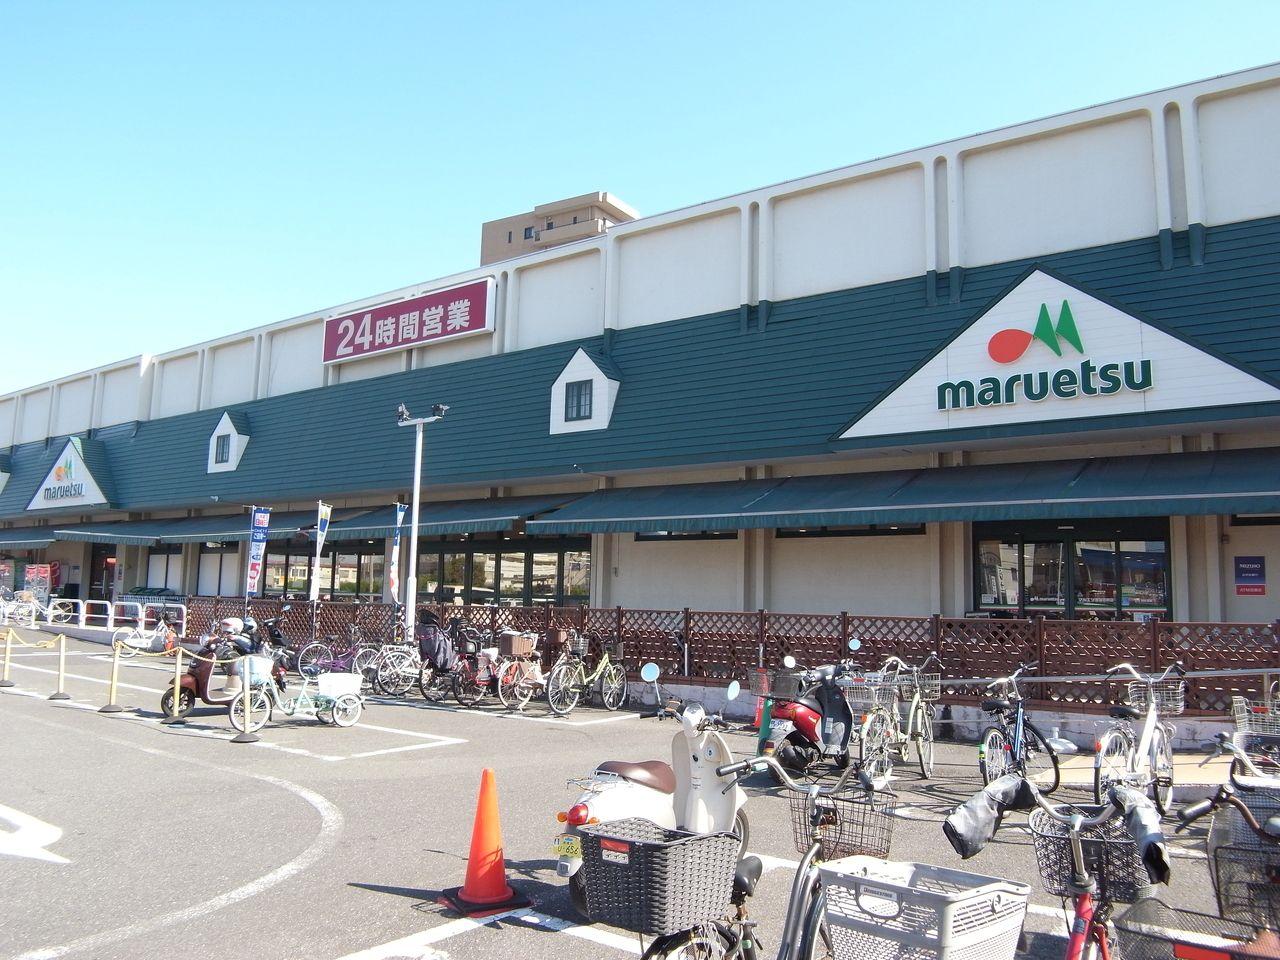 スーパーマルエツ以外にドラッグストア・本屋・ヤマダ電機なども併設されています。